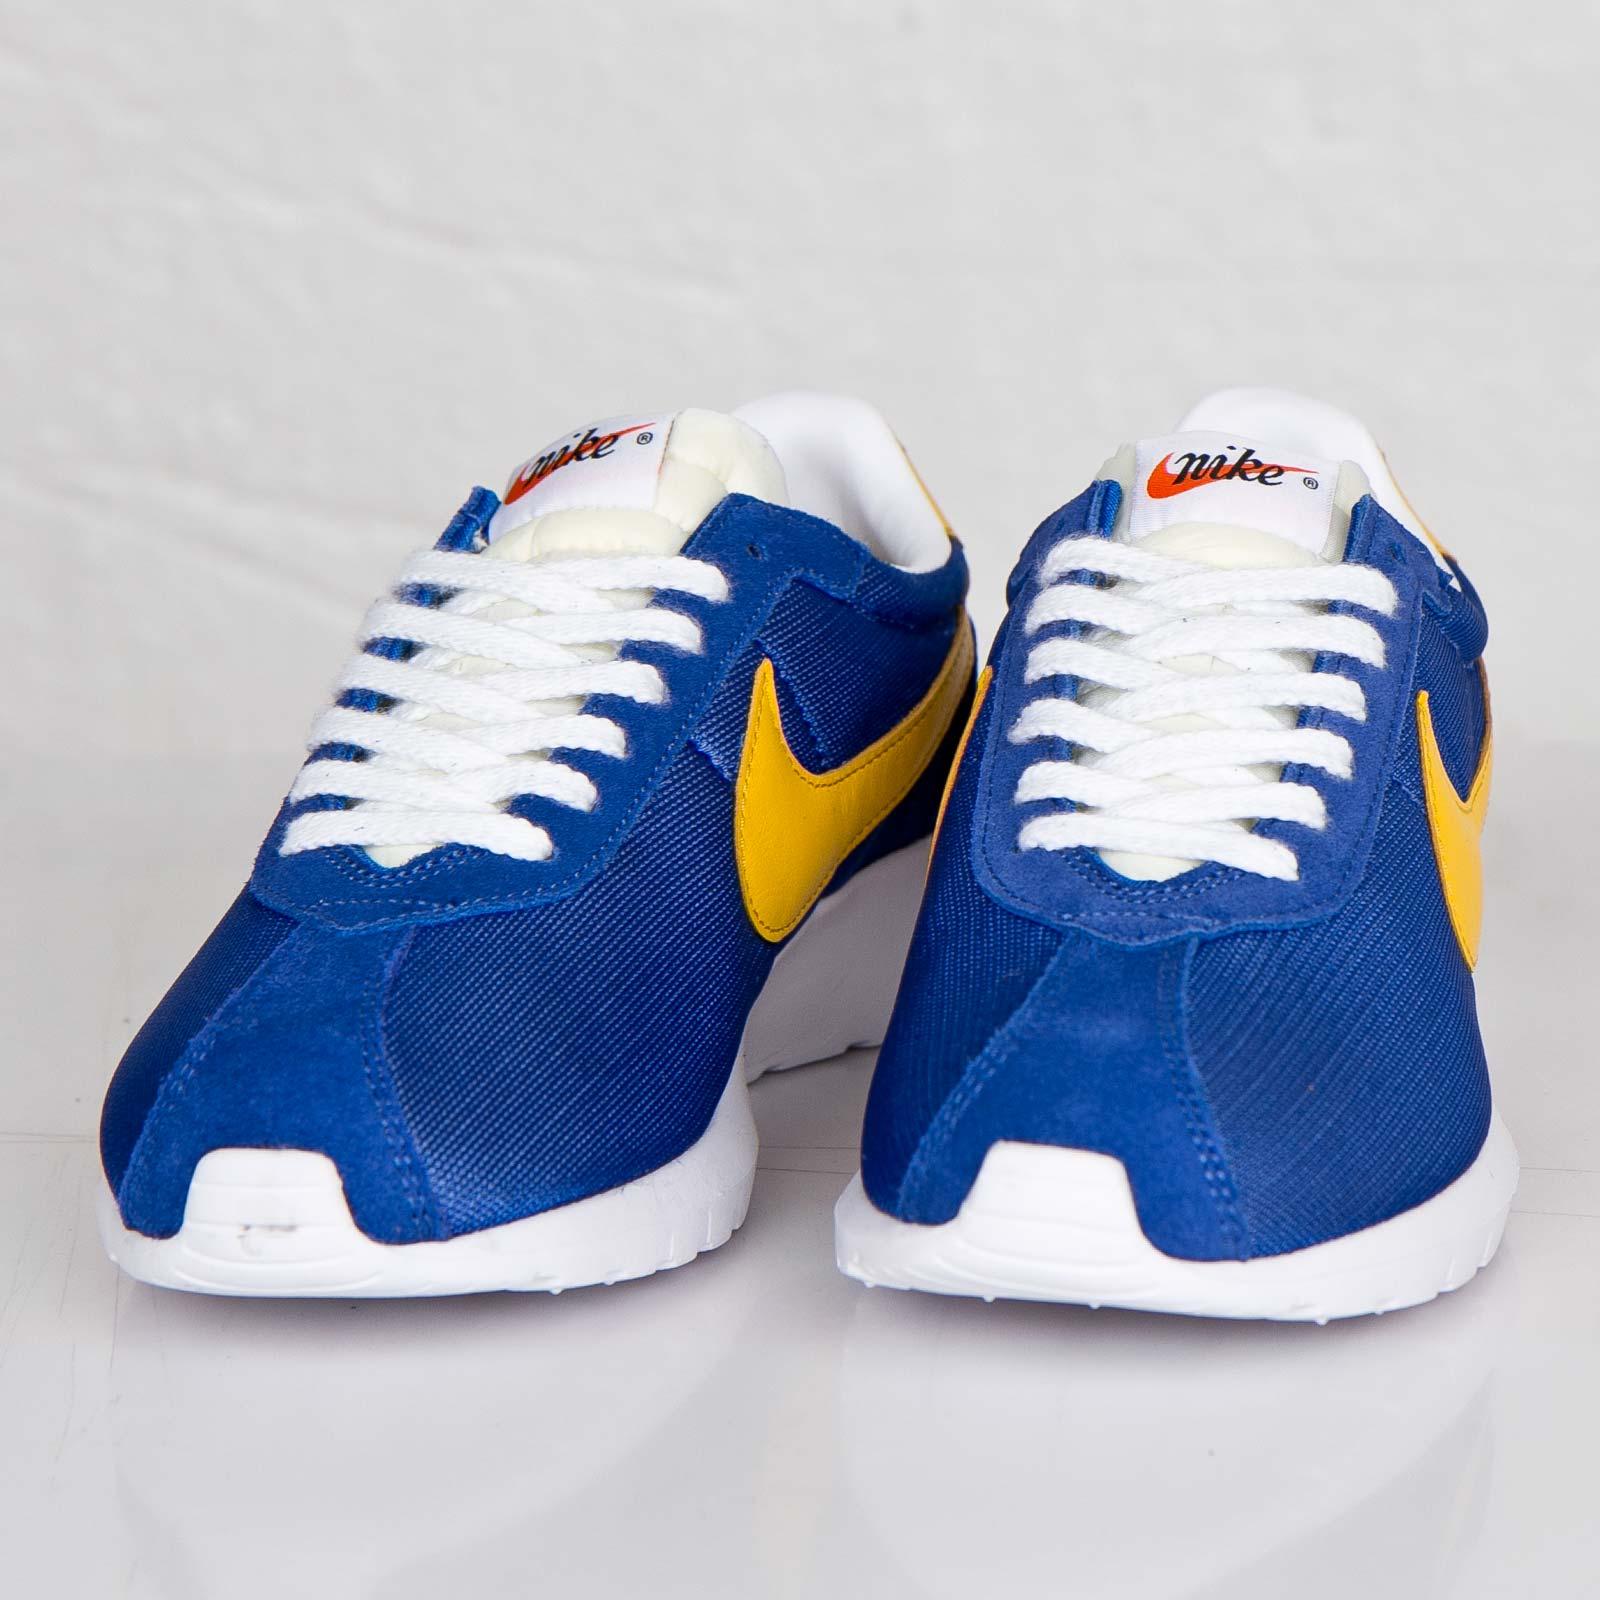 e3035a7e3cbd Nike Roshe ld-1000 SP   Fragment - 709657-471 - Sneakersnstuff ...